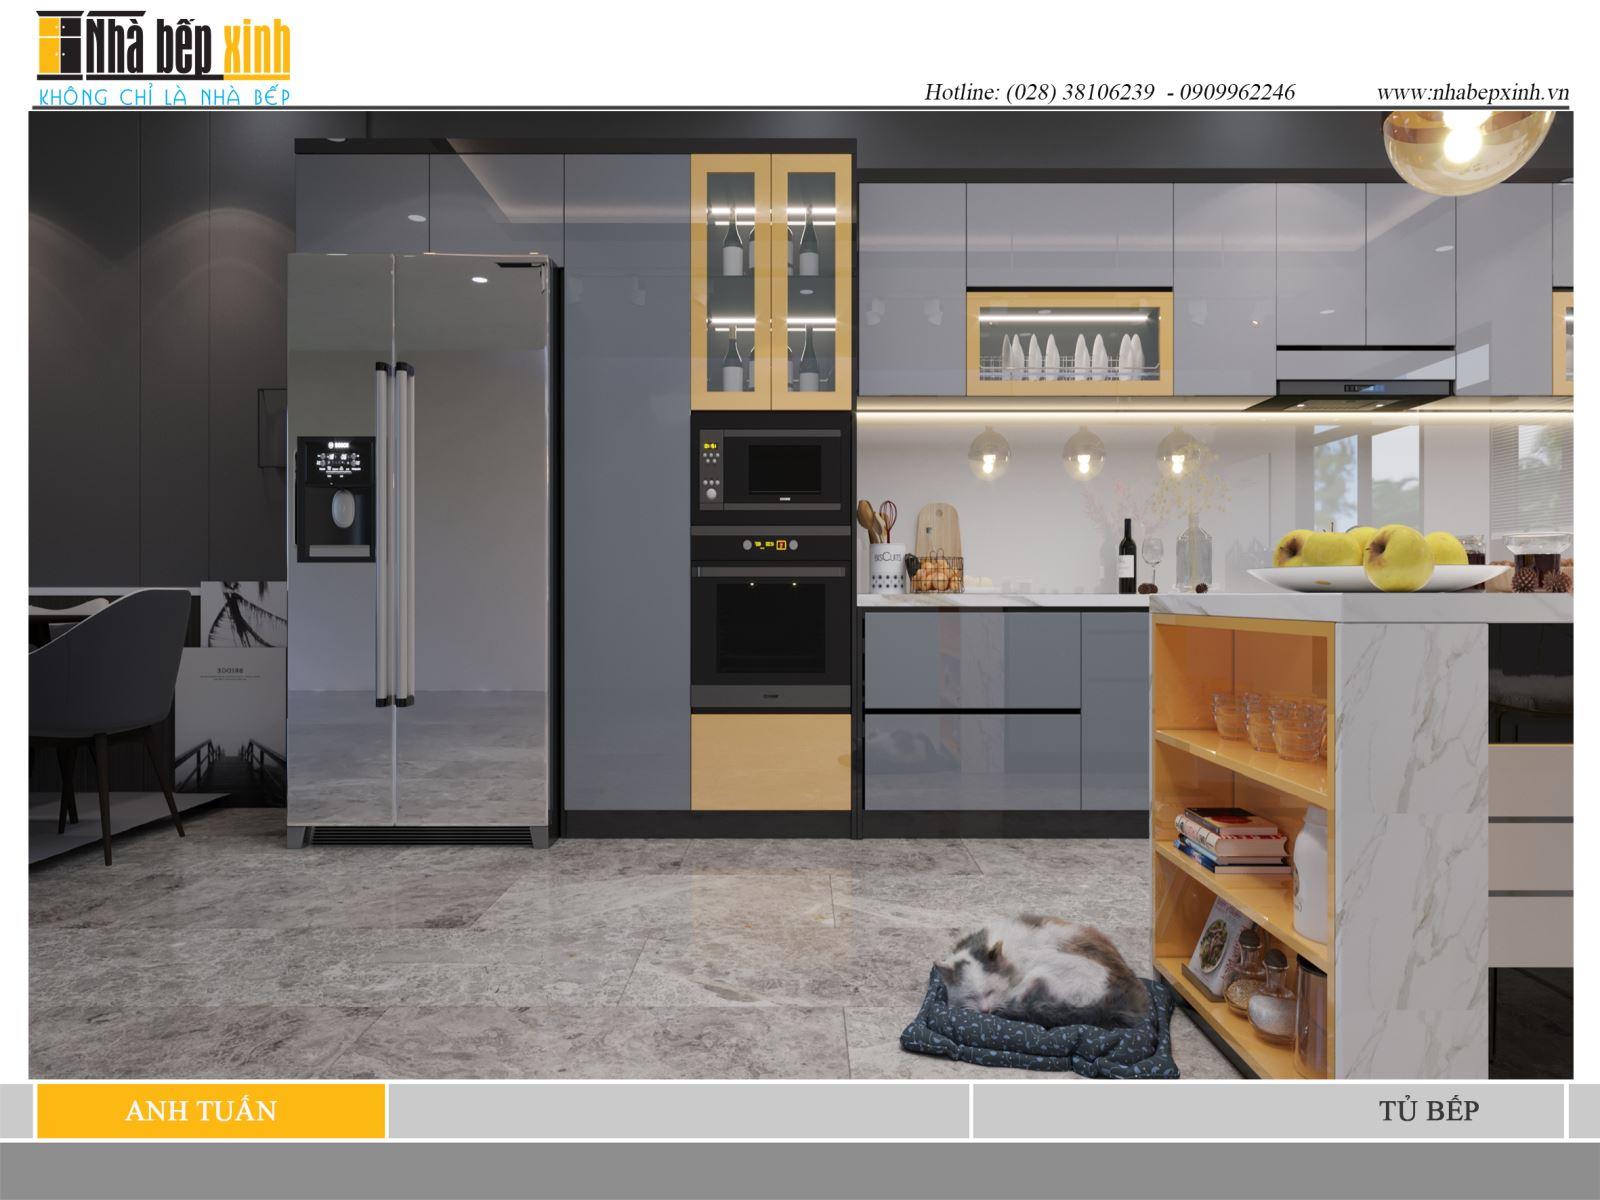 Mẫu tủ bếp đẹp và sang trọng cho căn bếp hiện đại